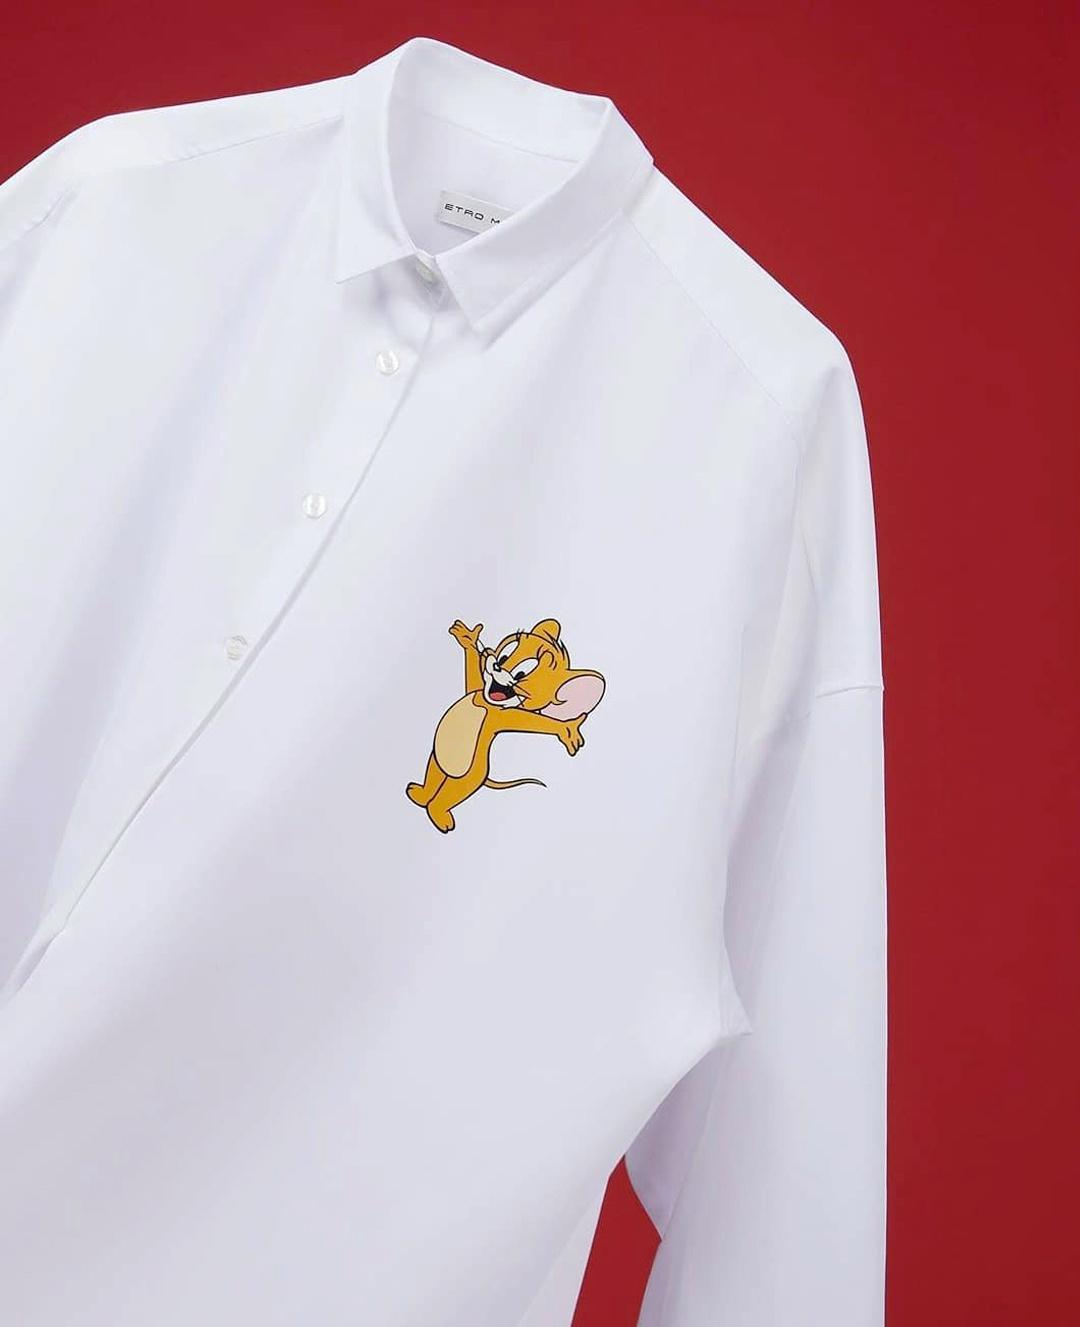 Zara, Gucci và các thương hiệu lăng xê họa tiết chuột mừng Tết Canh Tý - Hình 14